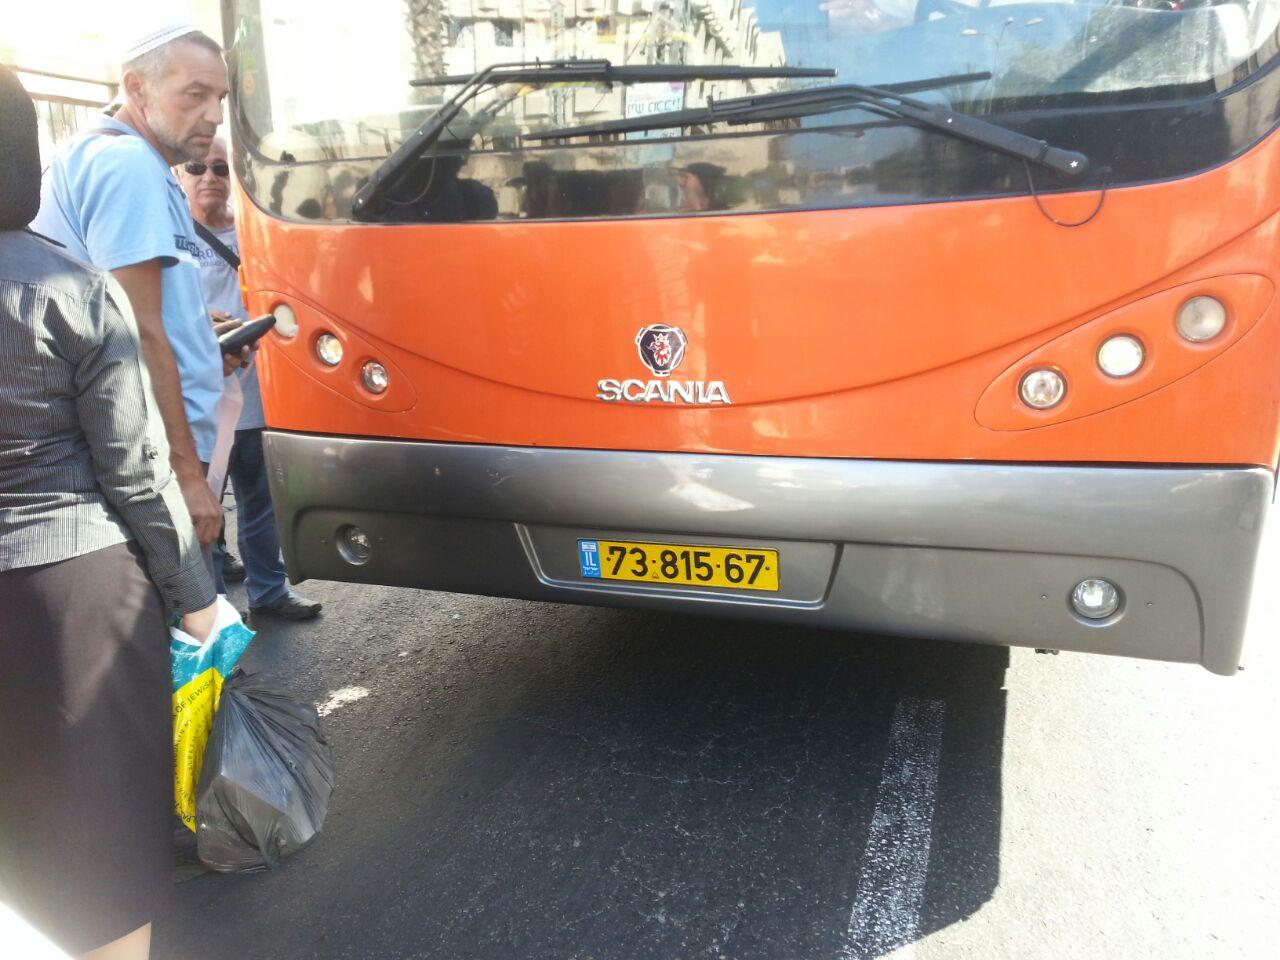 אוטובוס אוטובוסים חרדים נוסעים זועמים - צילם יהודה רחמים 24 (4)